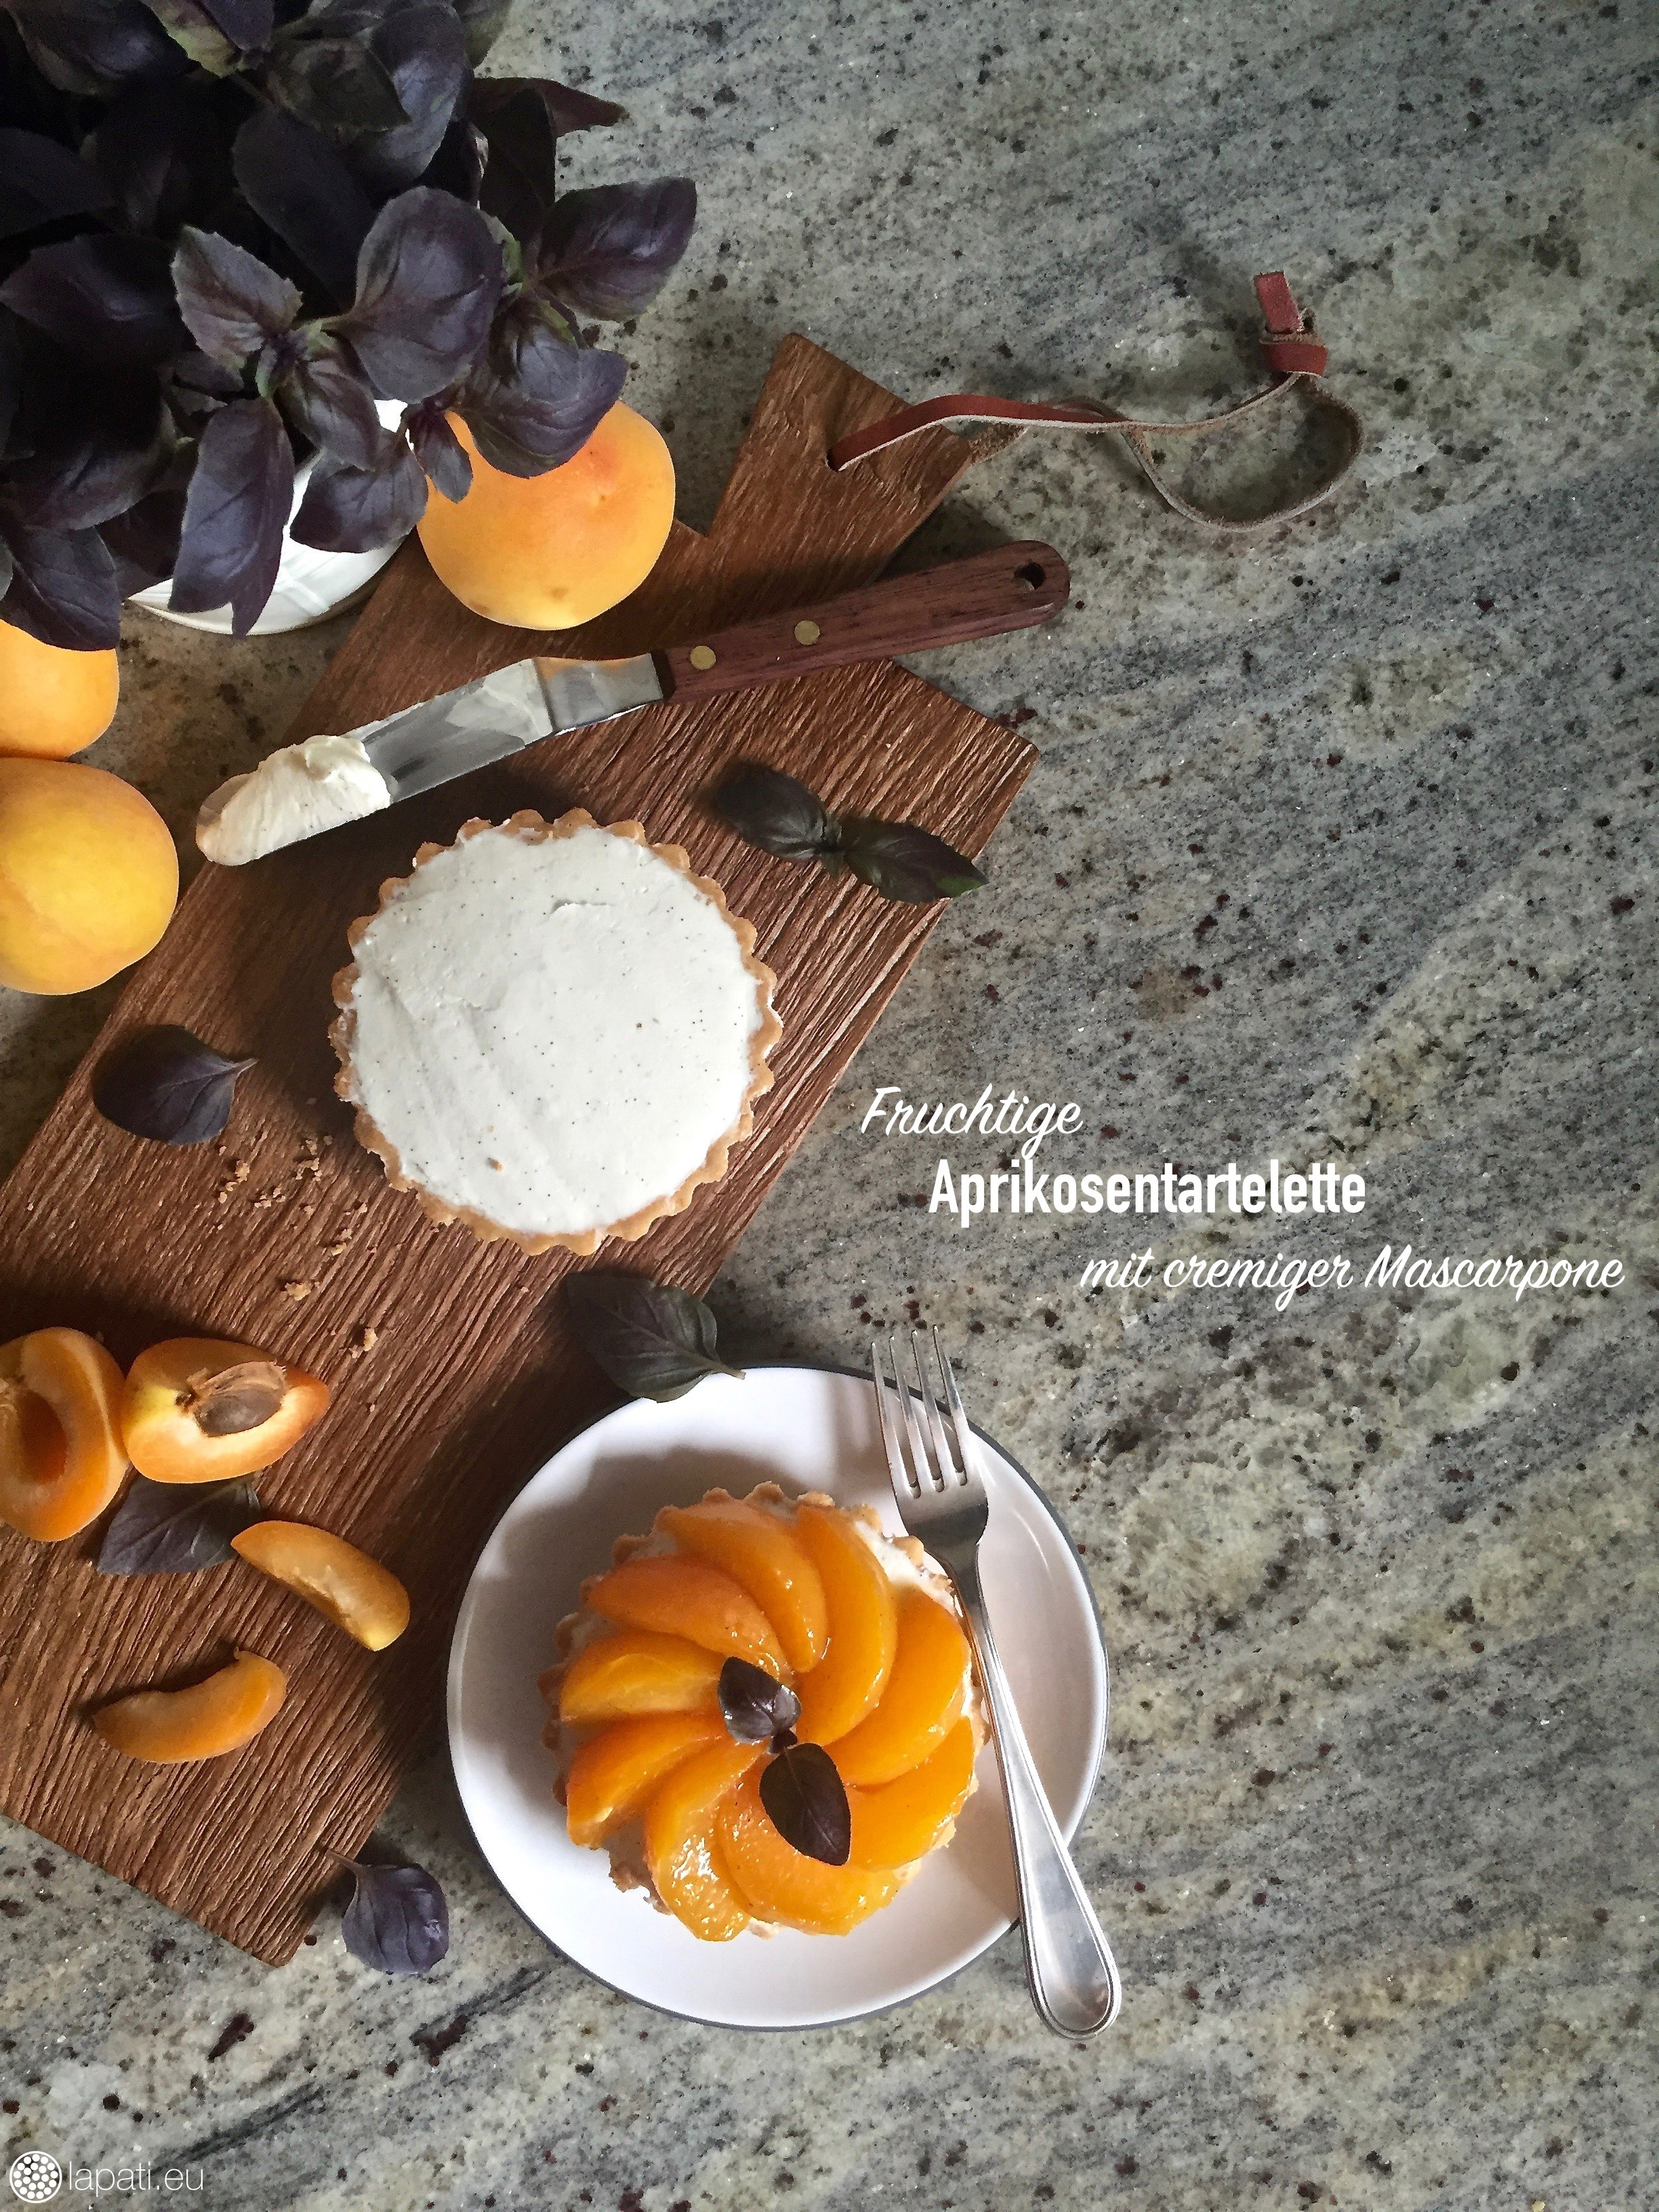 Fruchtige Aprikosentartelettes mit einer Mascarponecreme und einem Kern aus Aprikosengelee. Der perfekte Sonntagskuchen.